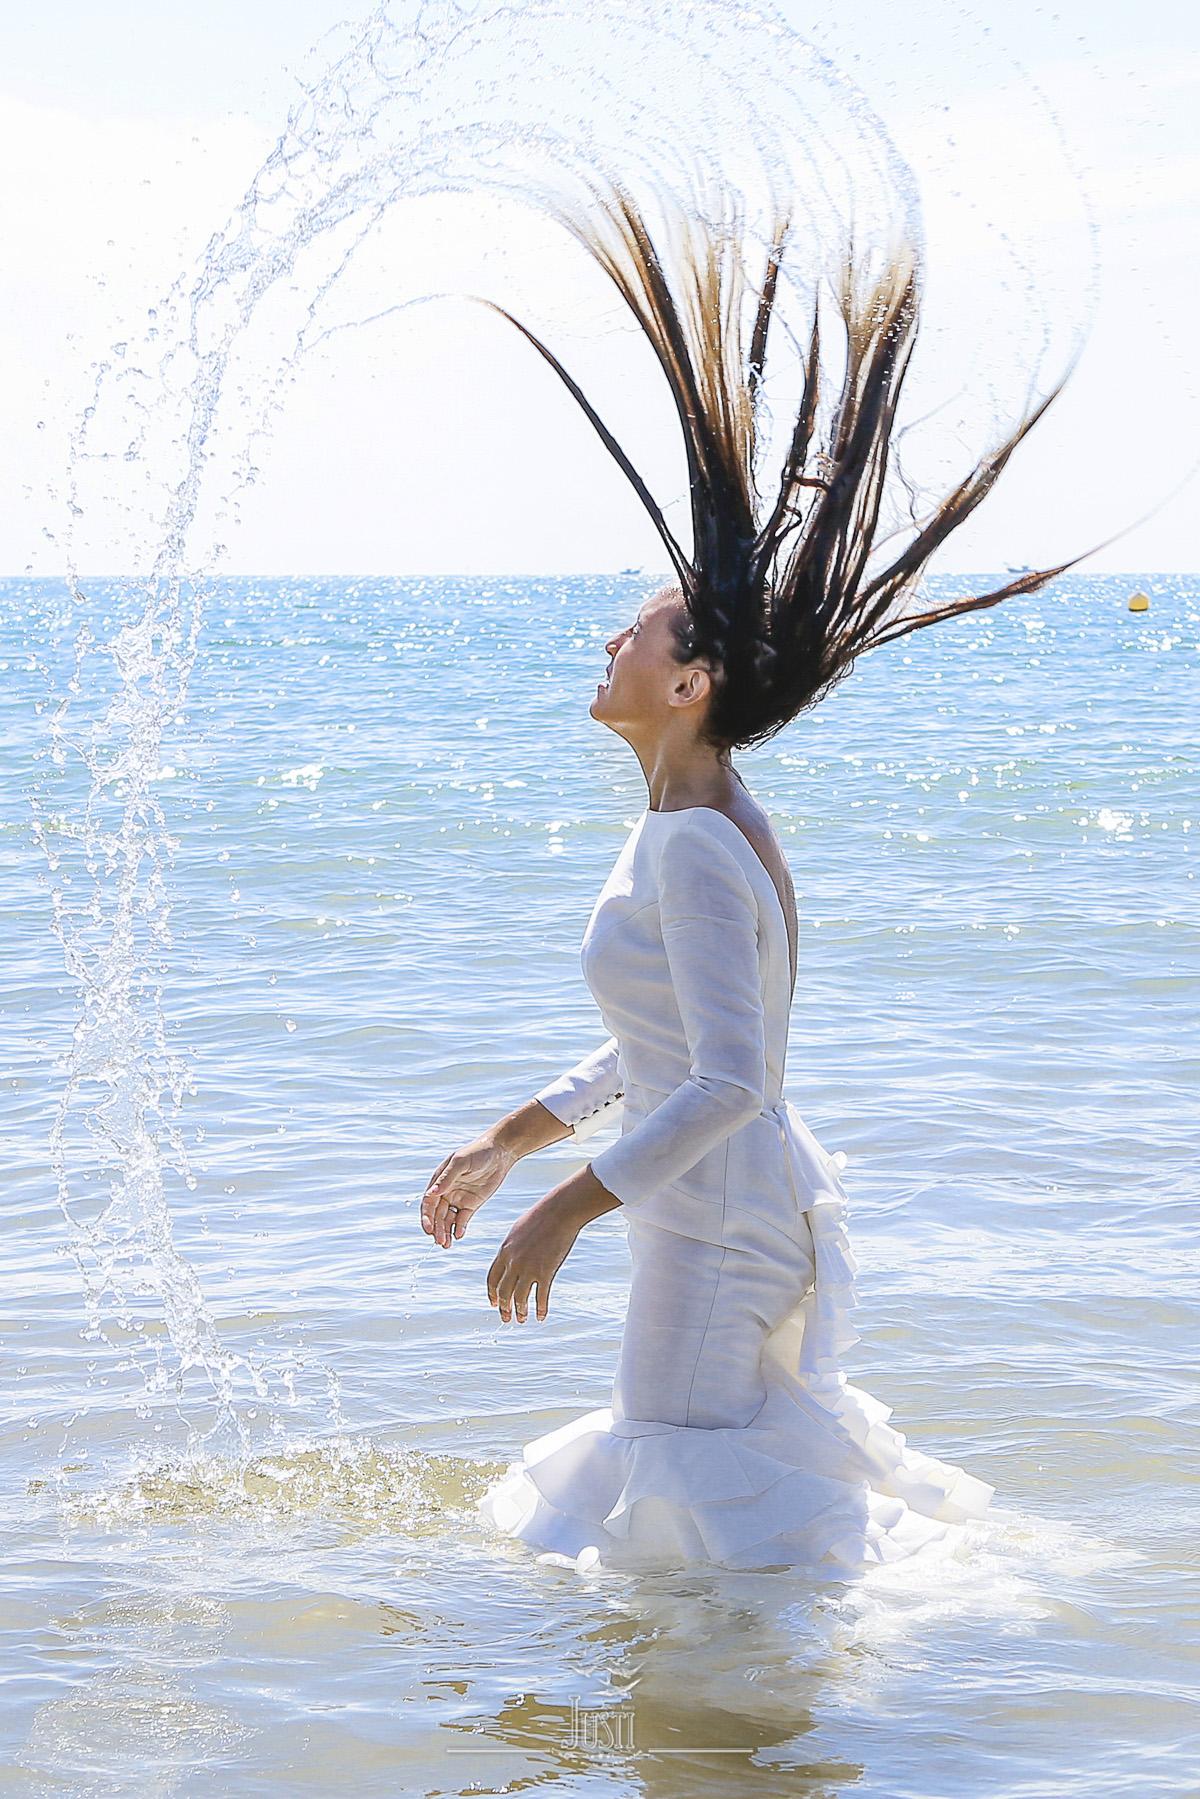 fotografias-profesionales-post-boda-en-el-rocio-y-la-playa-22-de-23